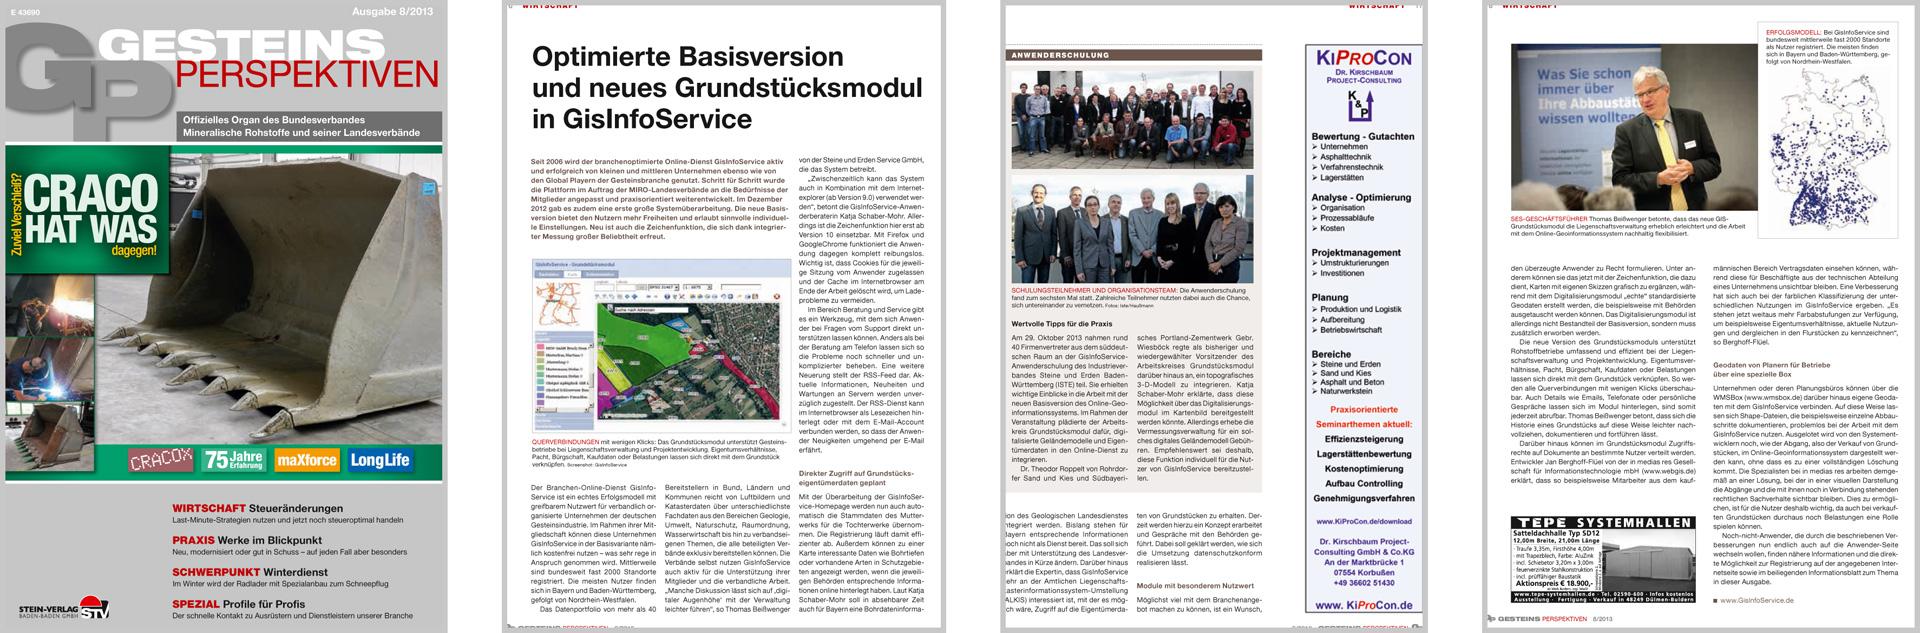 presse gp8 2013